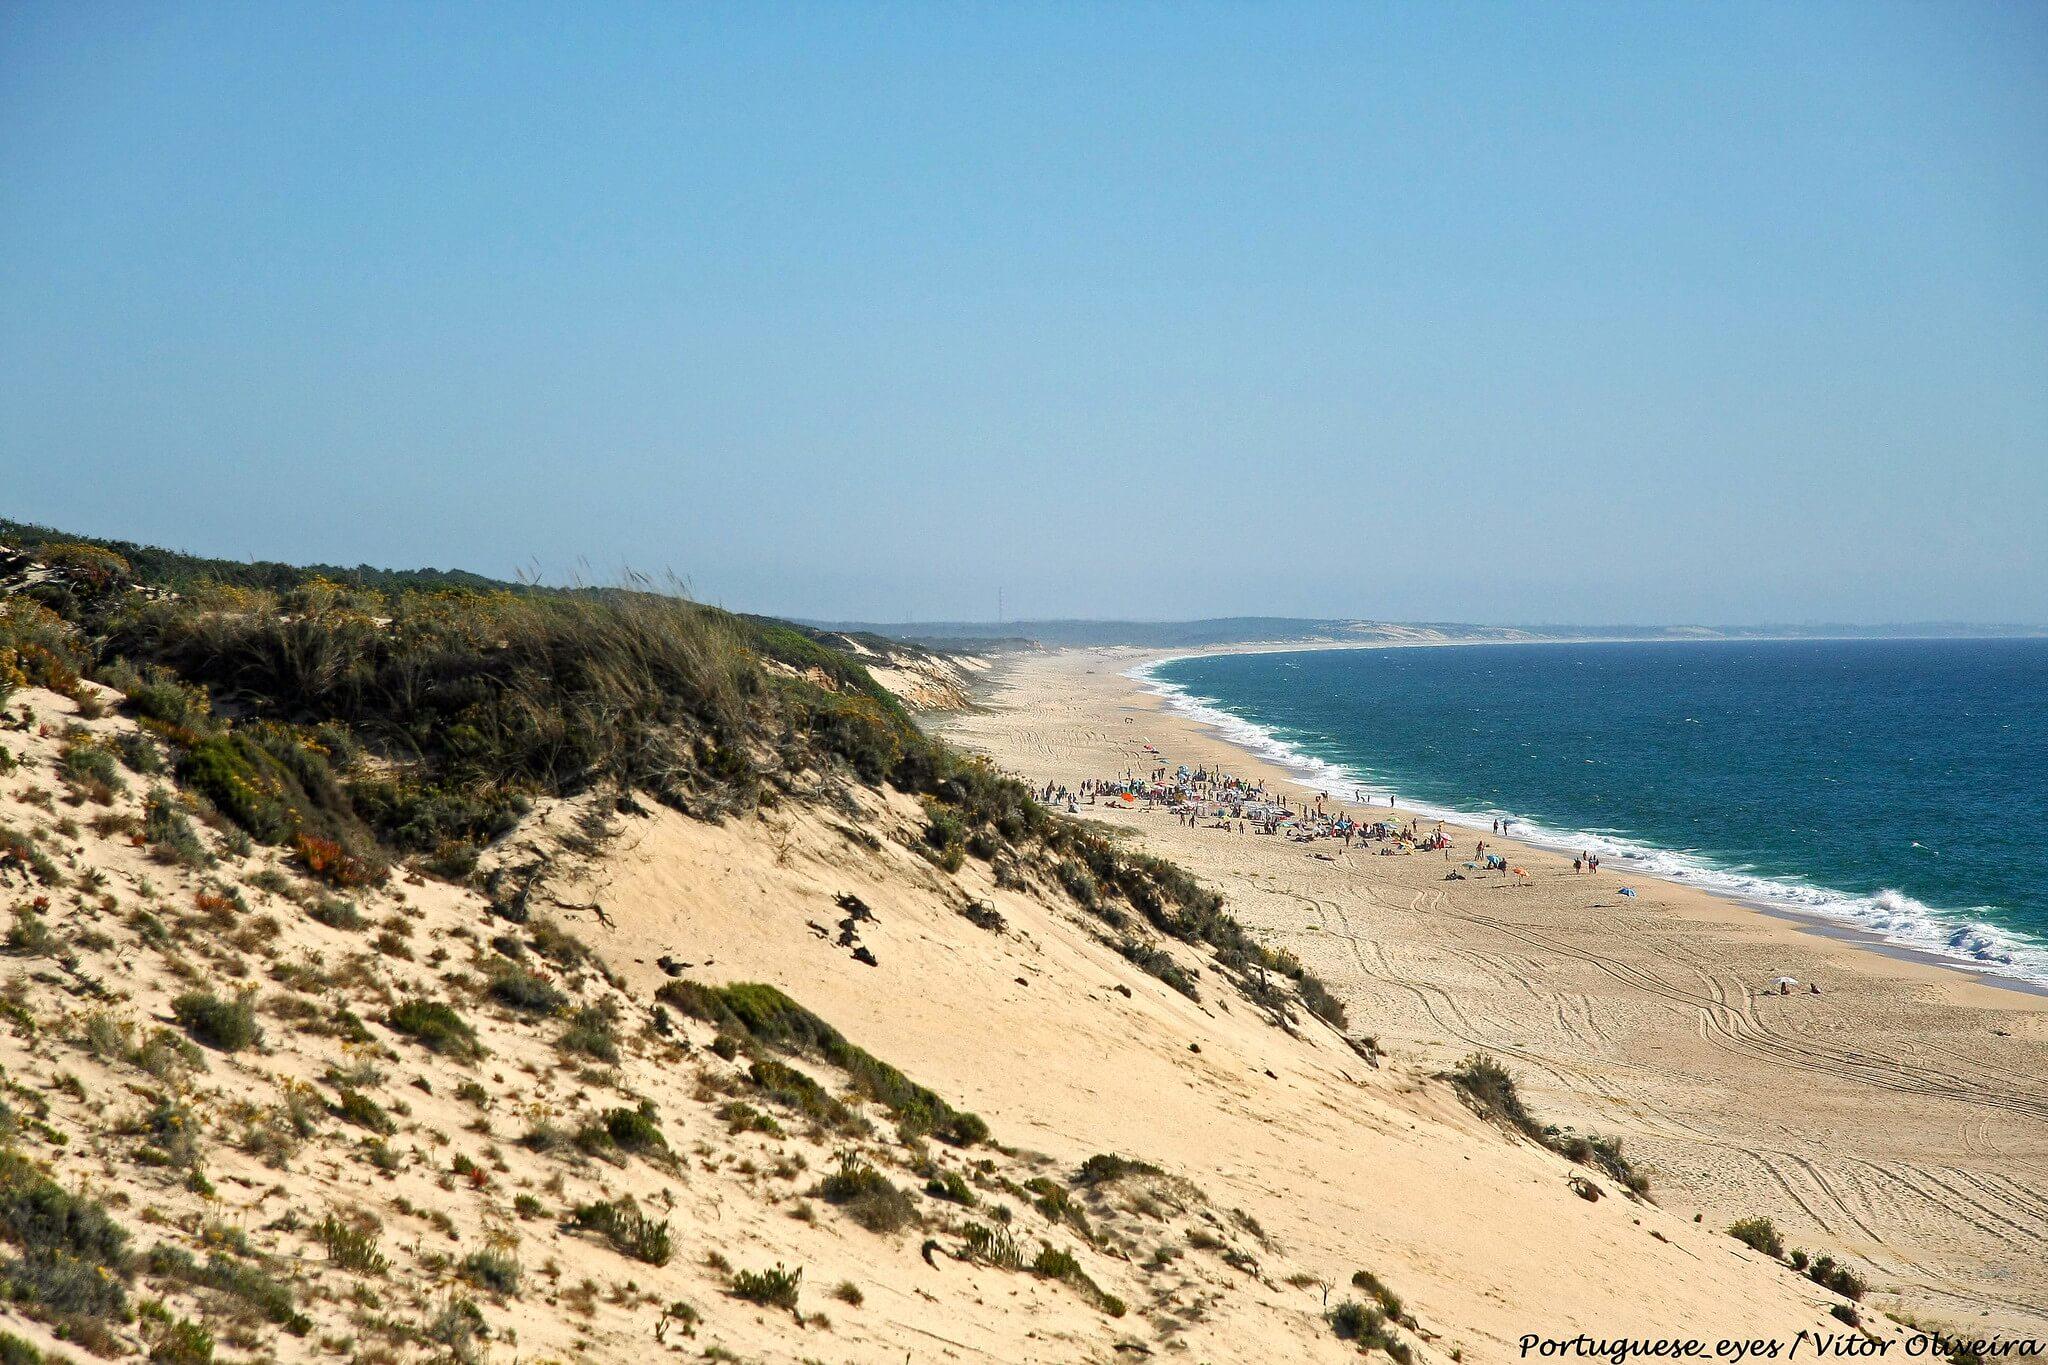 praia aberta nova roadtrip costa alentejana